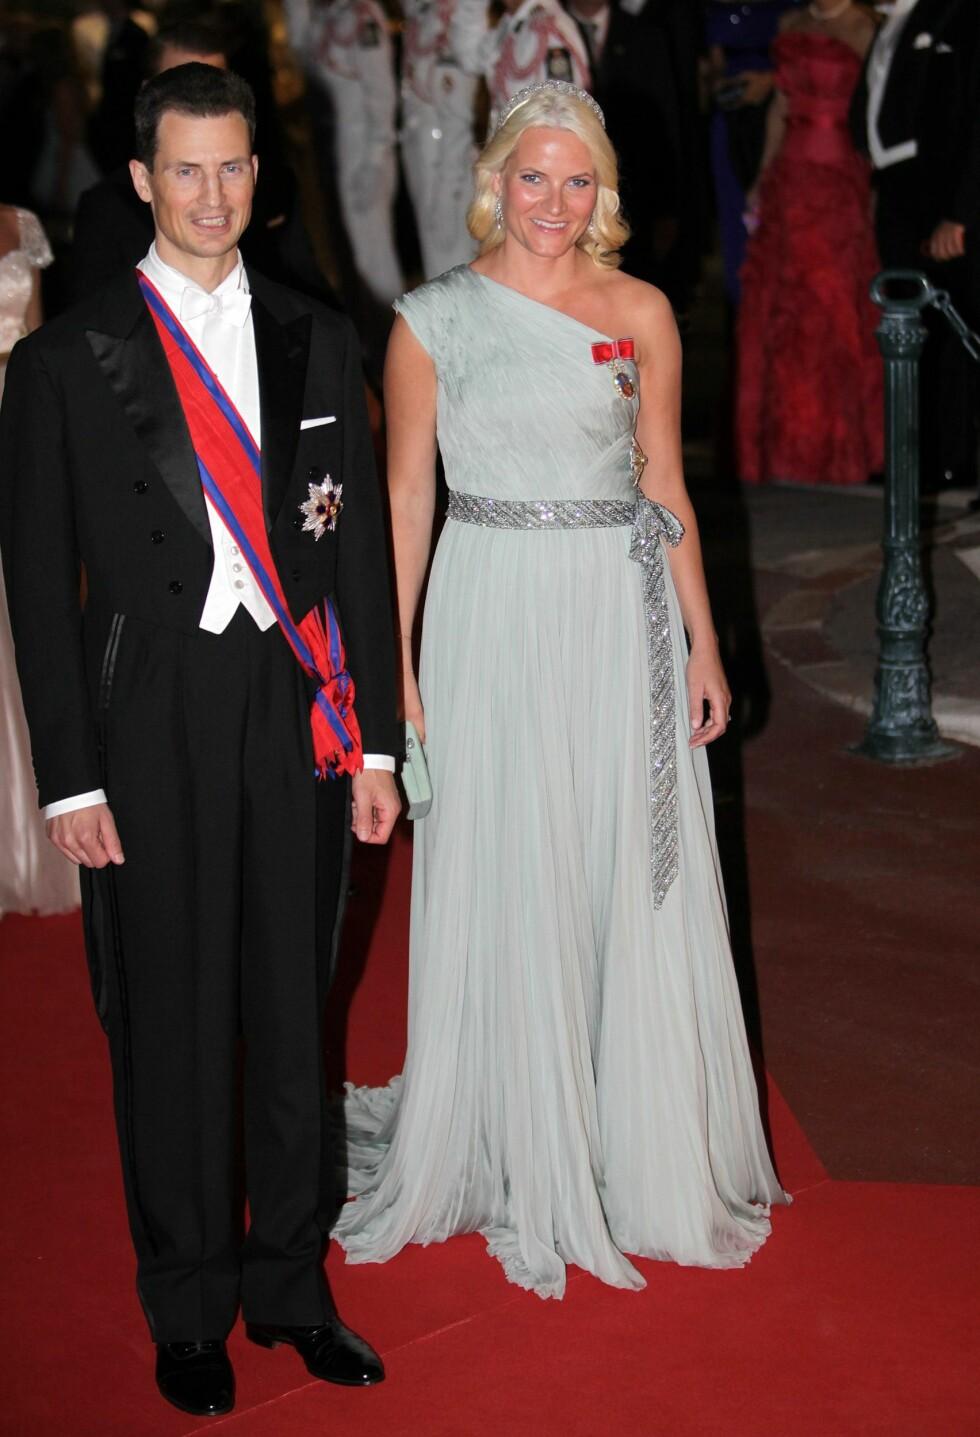 I MONACO: På bryllupsmiddagen gikk kronprinsessen for en kjole med et interessant snitt. Foto: DPA